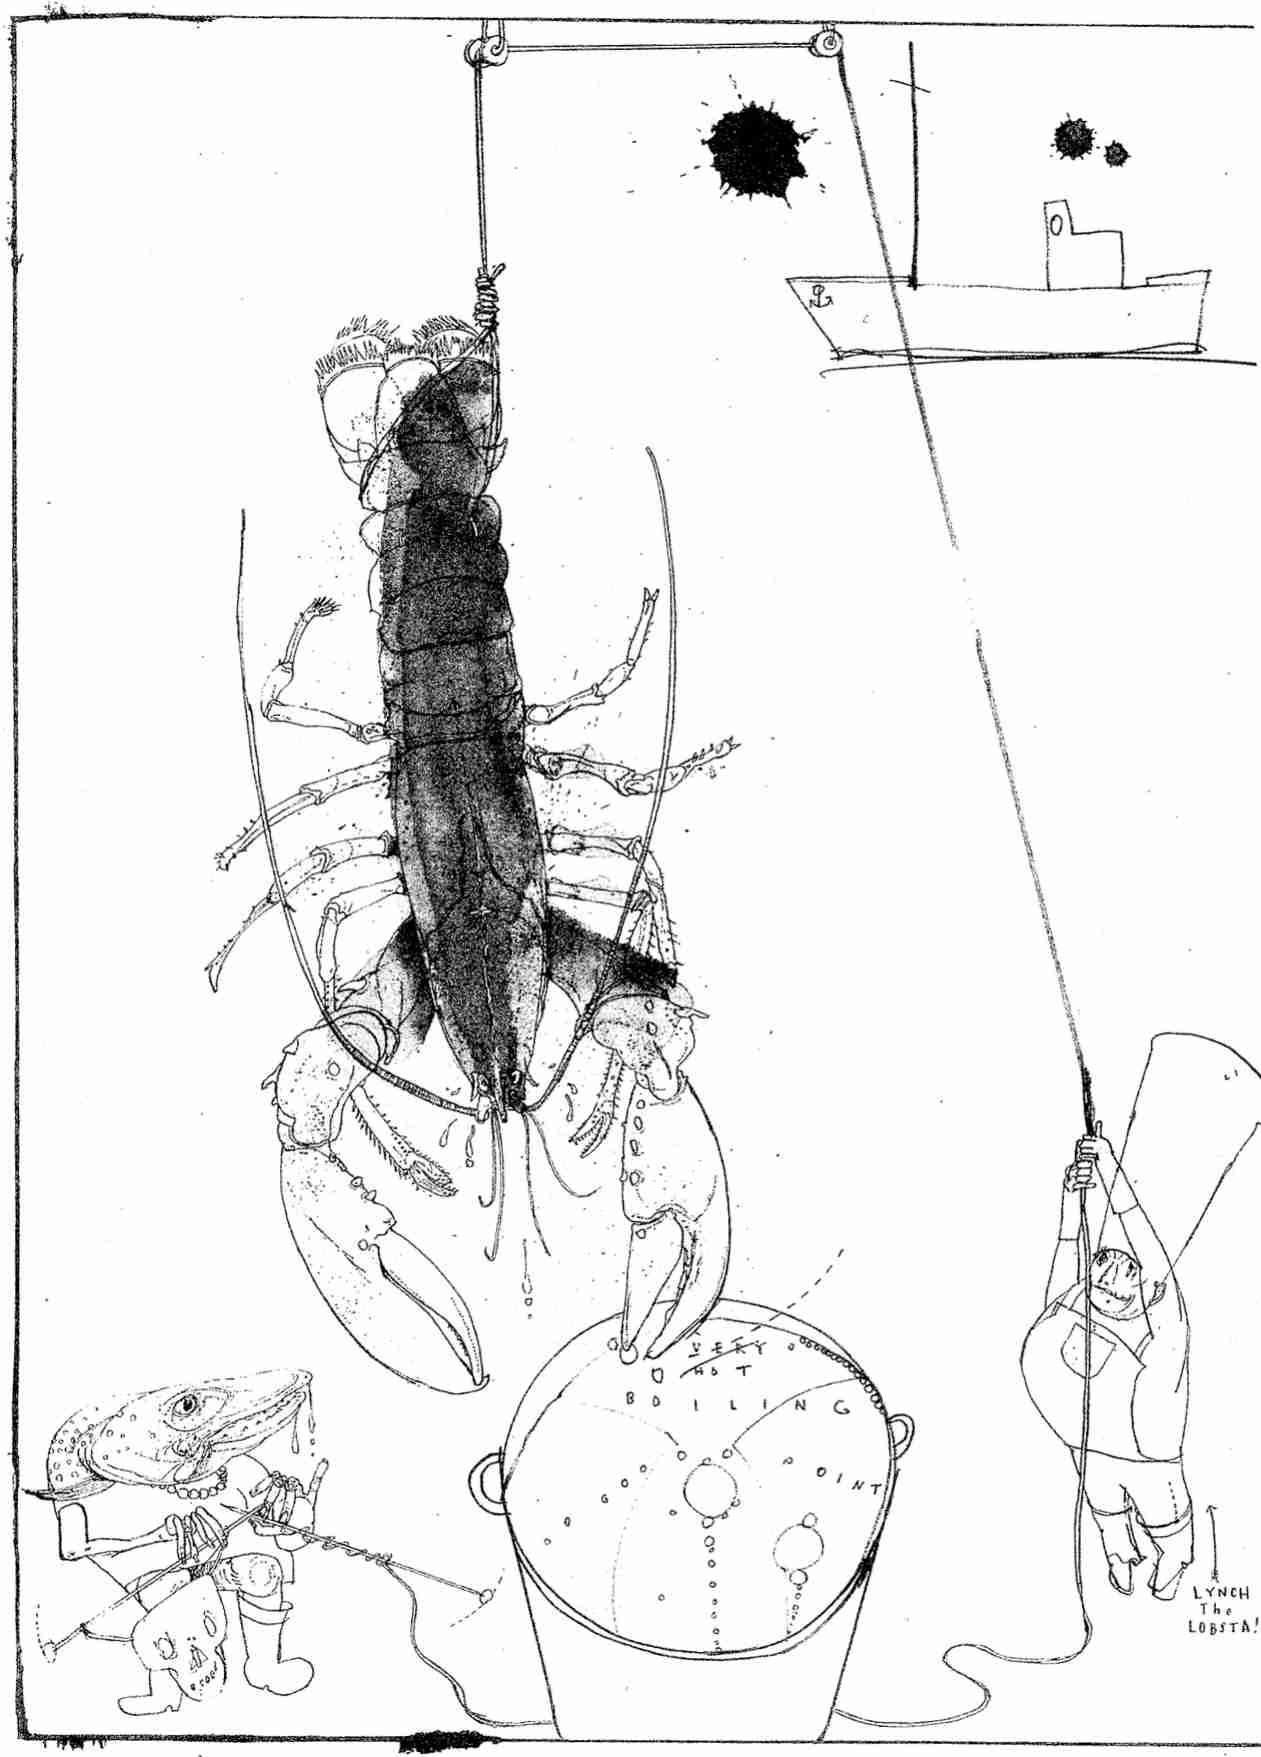 Illustration by David Hughes